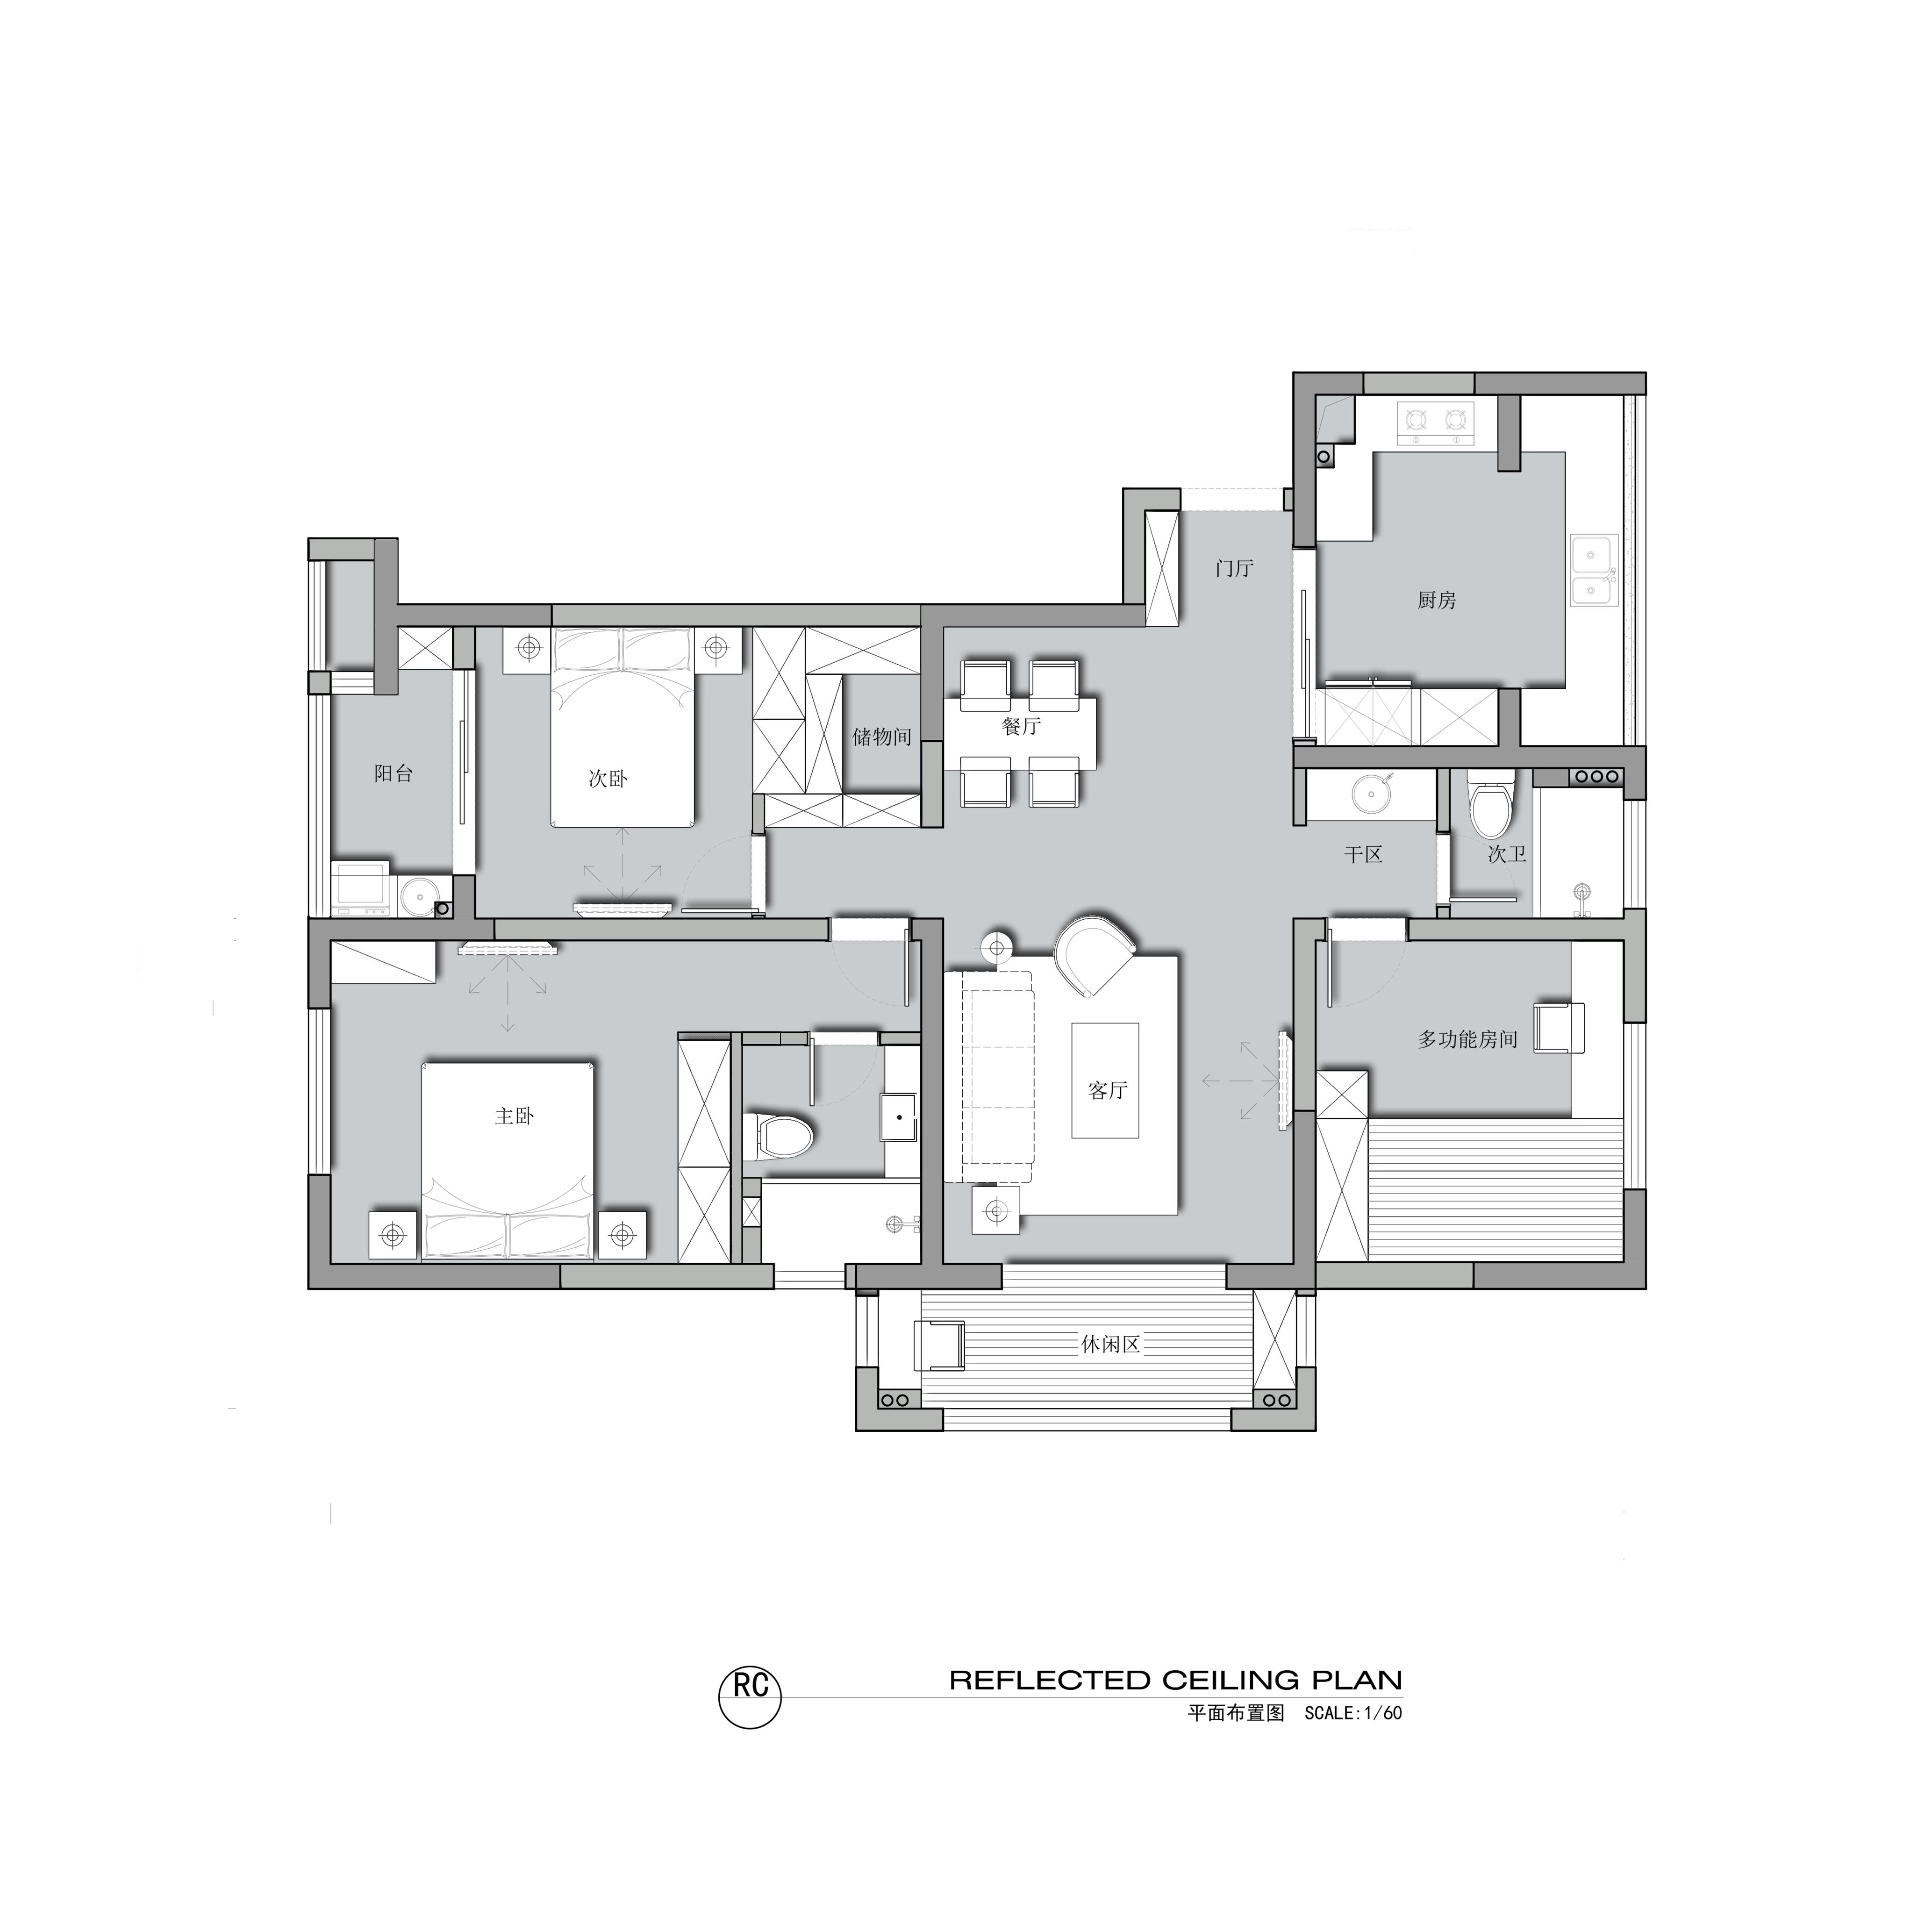 绿城百合-现代简约-126平米装修设计理念